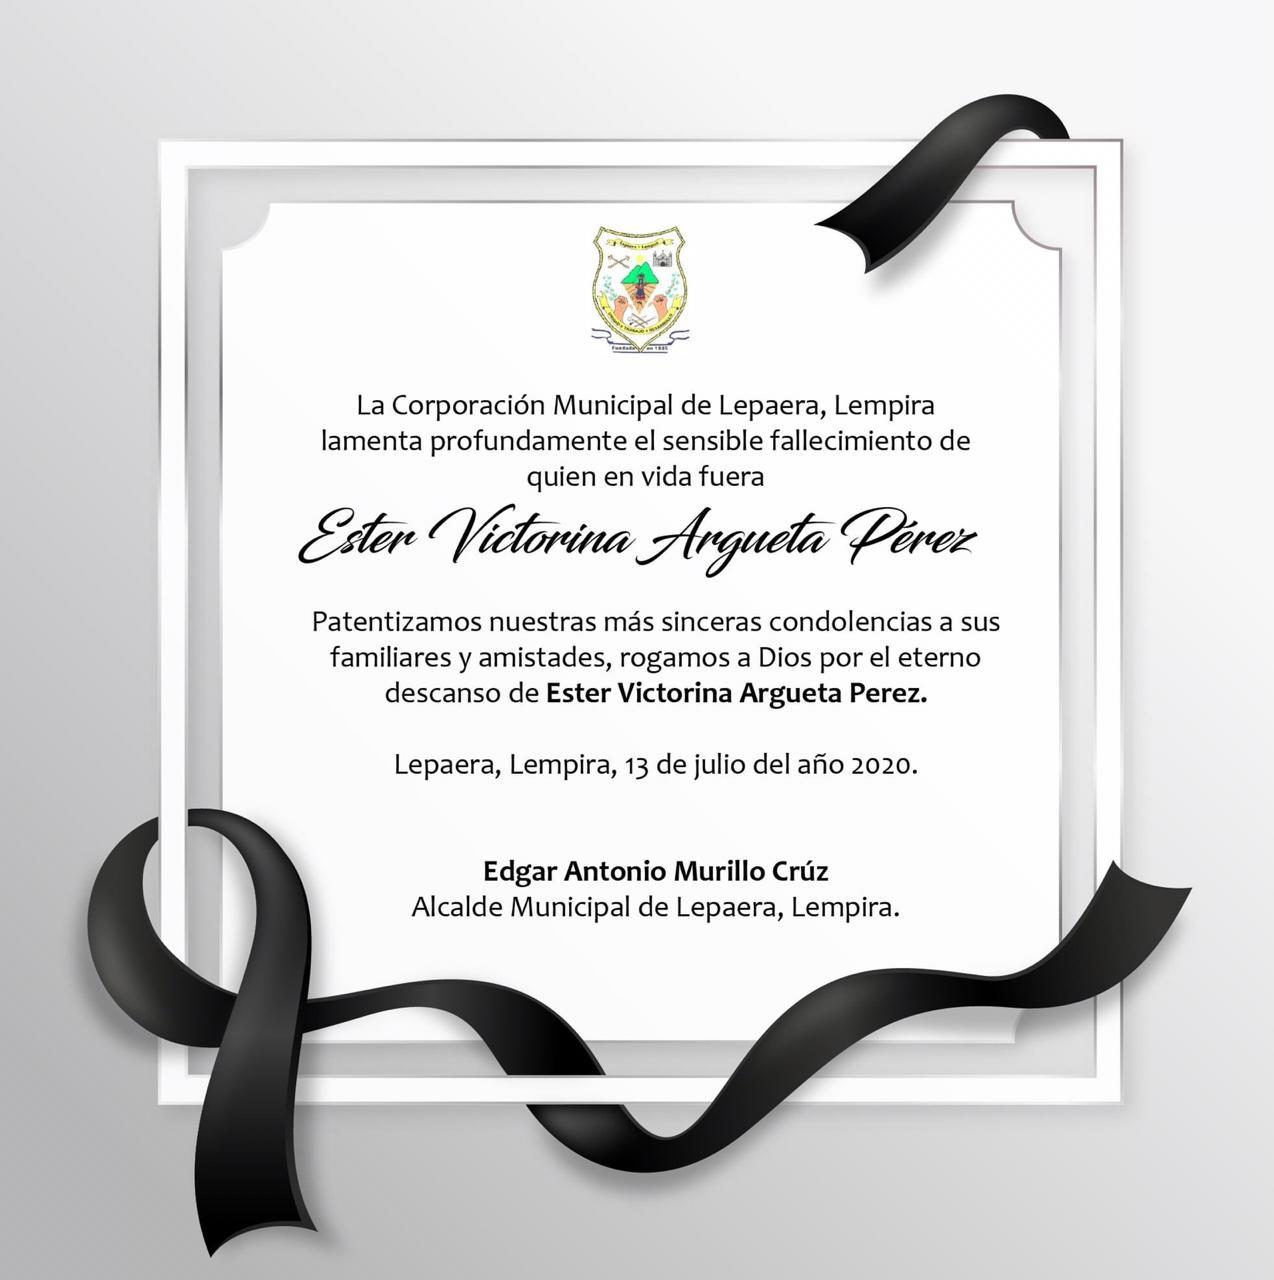 Comunicado emitido por la Municipalidad de Lepaera.